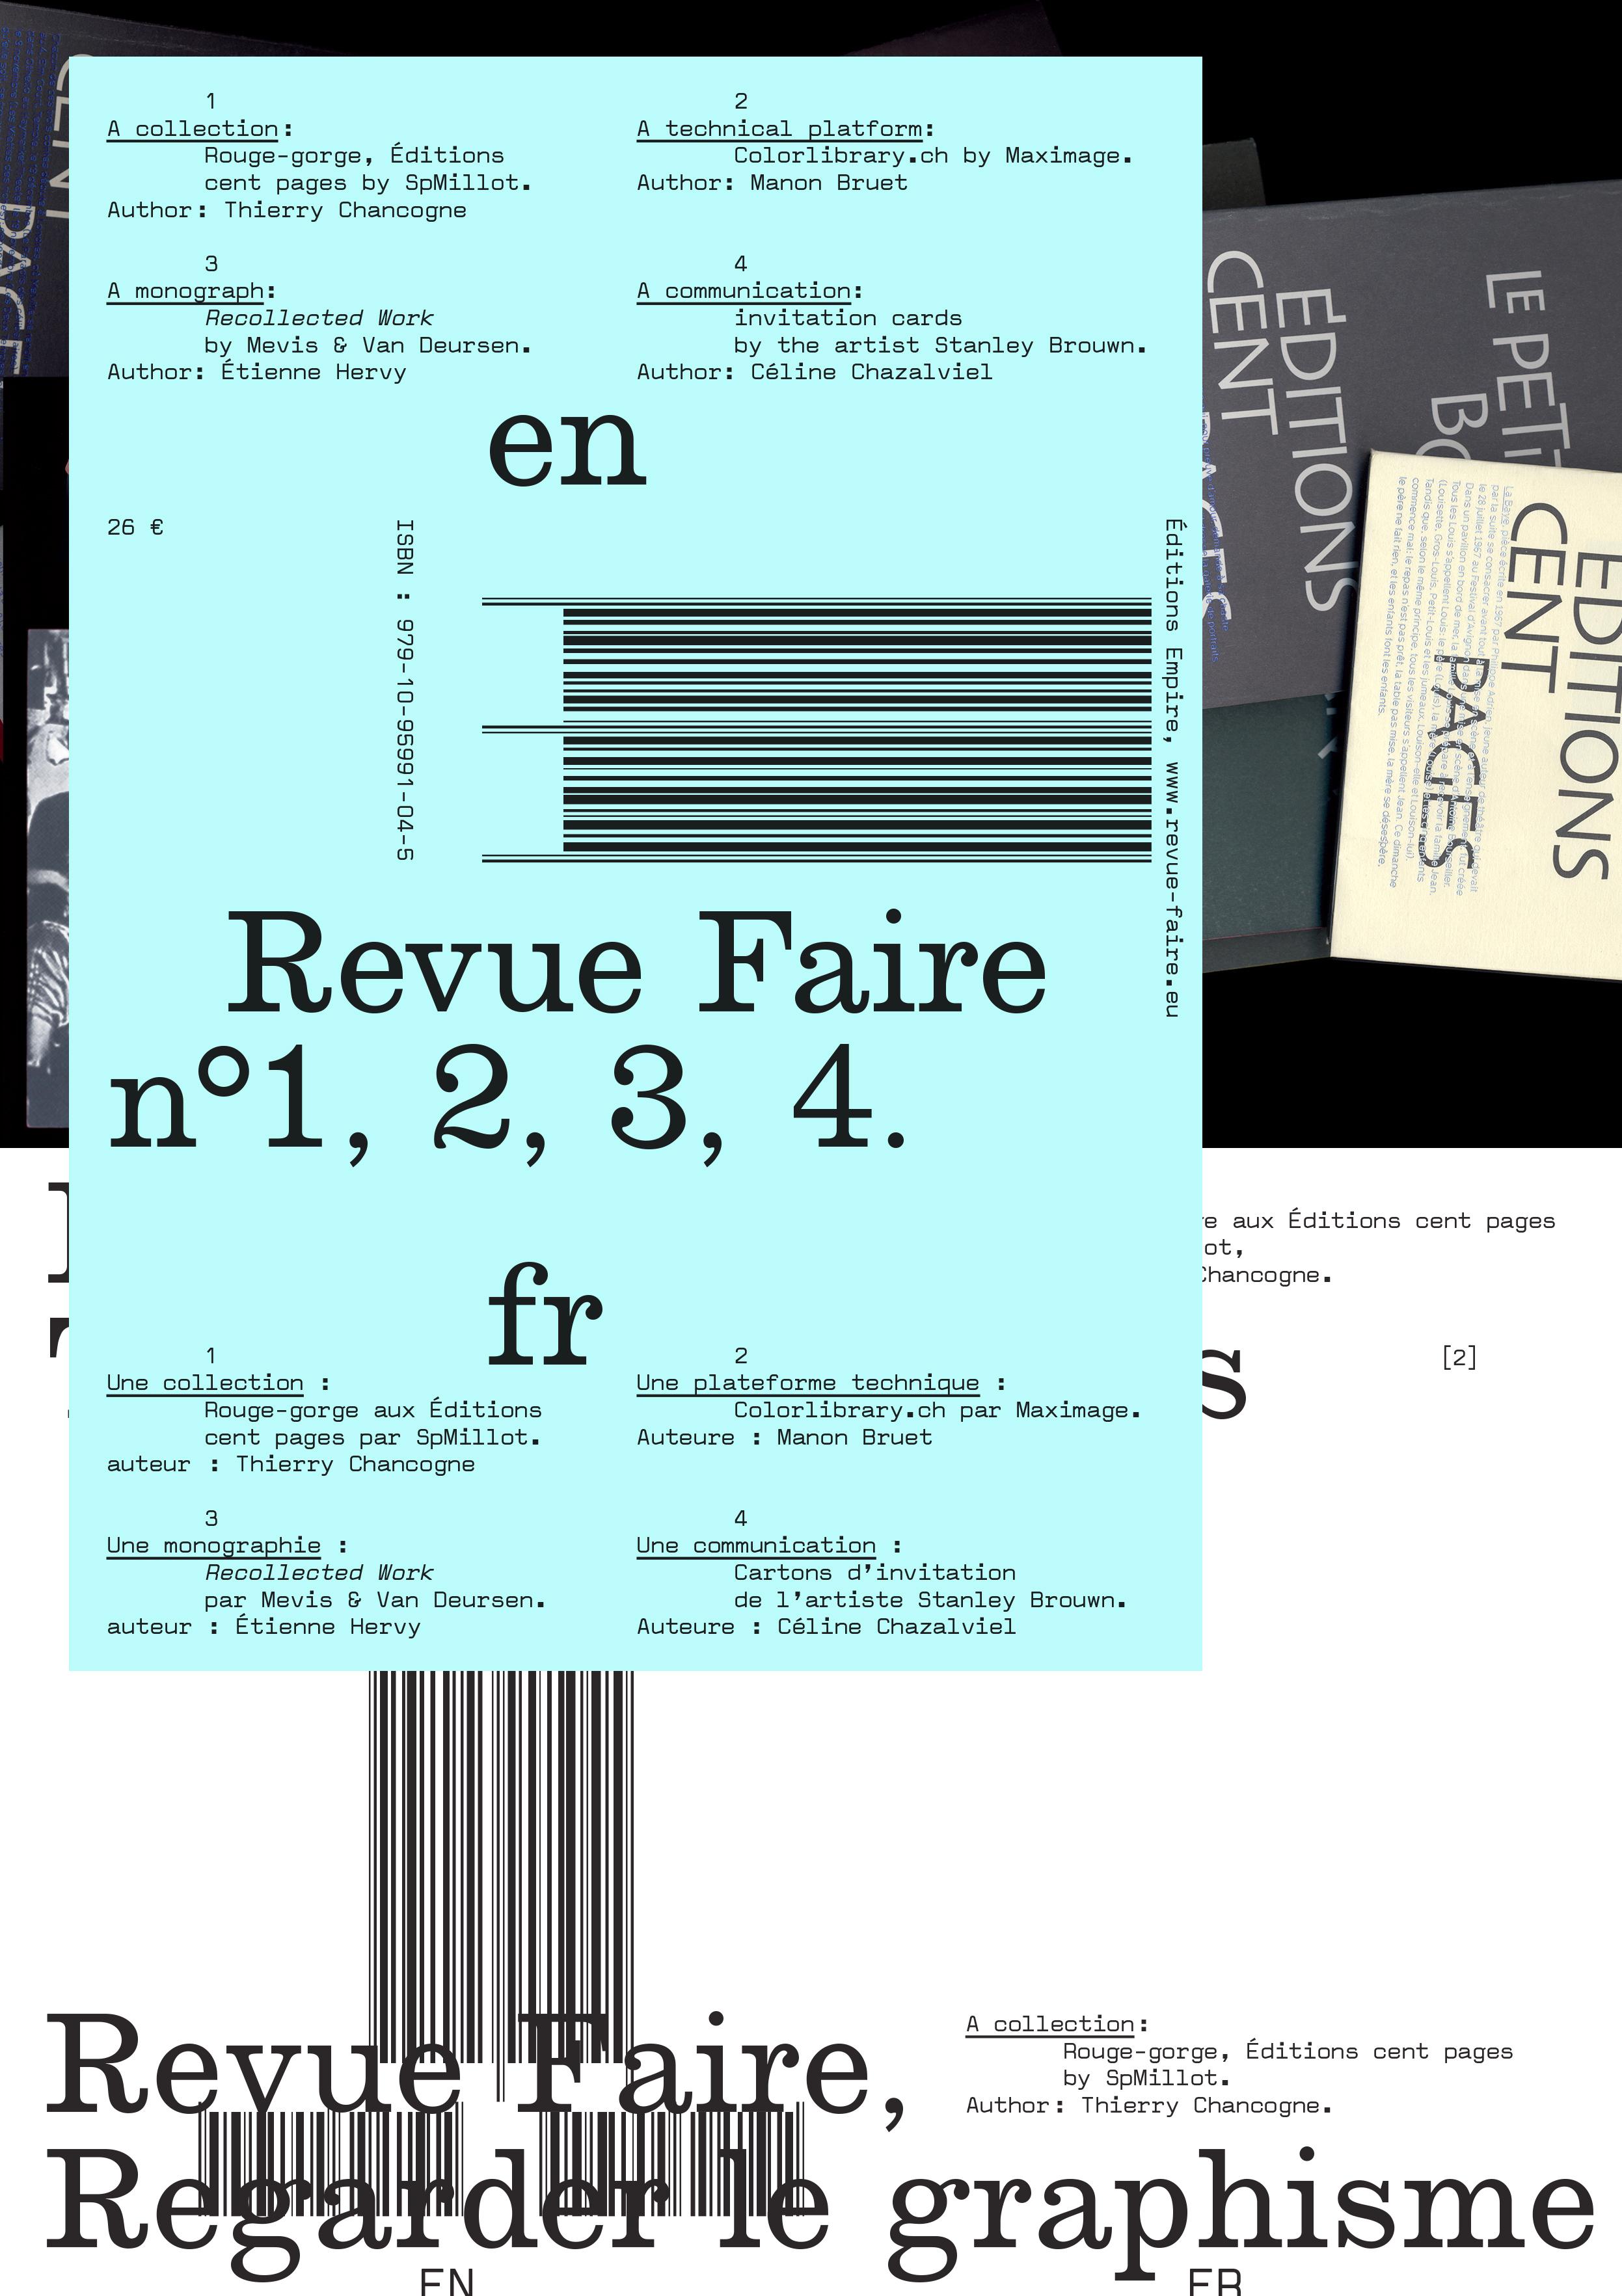 FAIRE - REGARDER LE GRAPHISME N  01 (VOL. 1, 2, 3, 4)